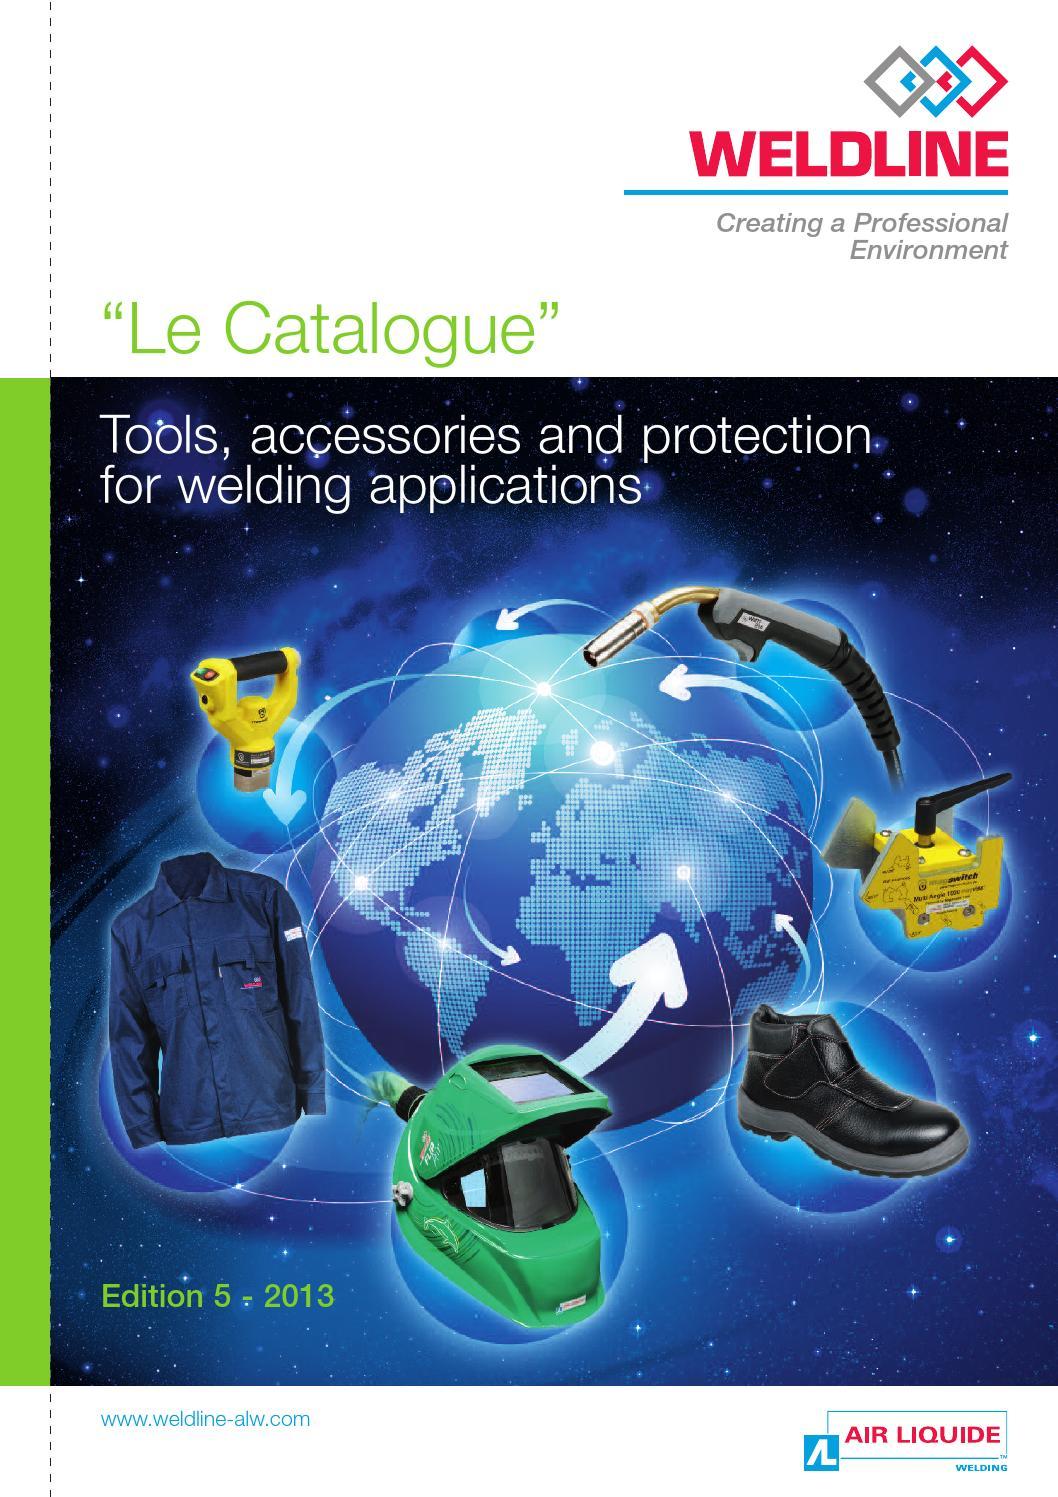 Air liquide welding 2013 by Lusavouga, SA - issuu